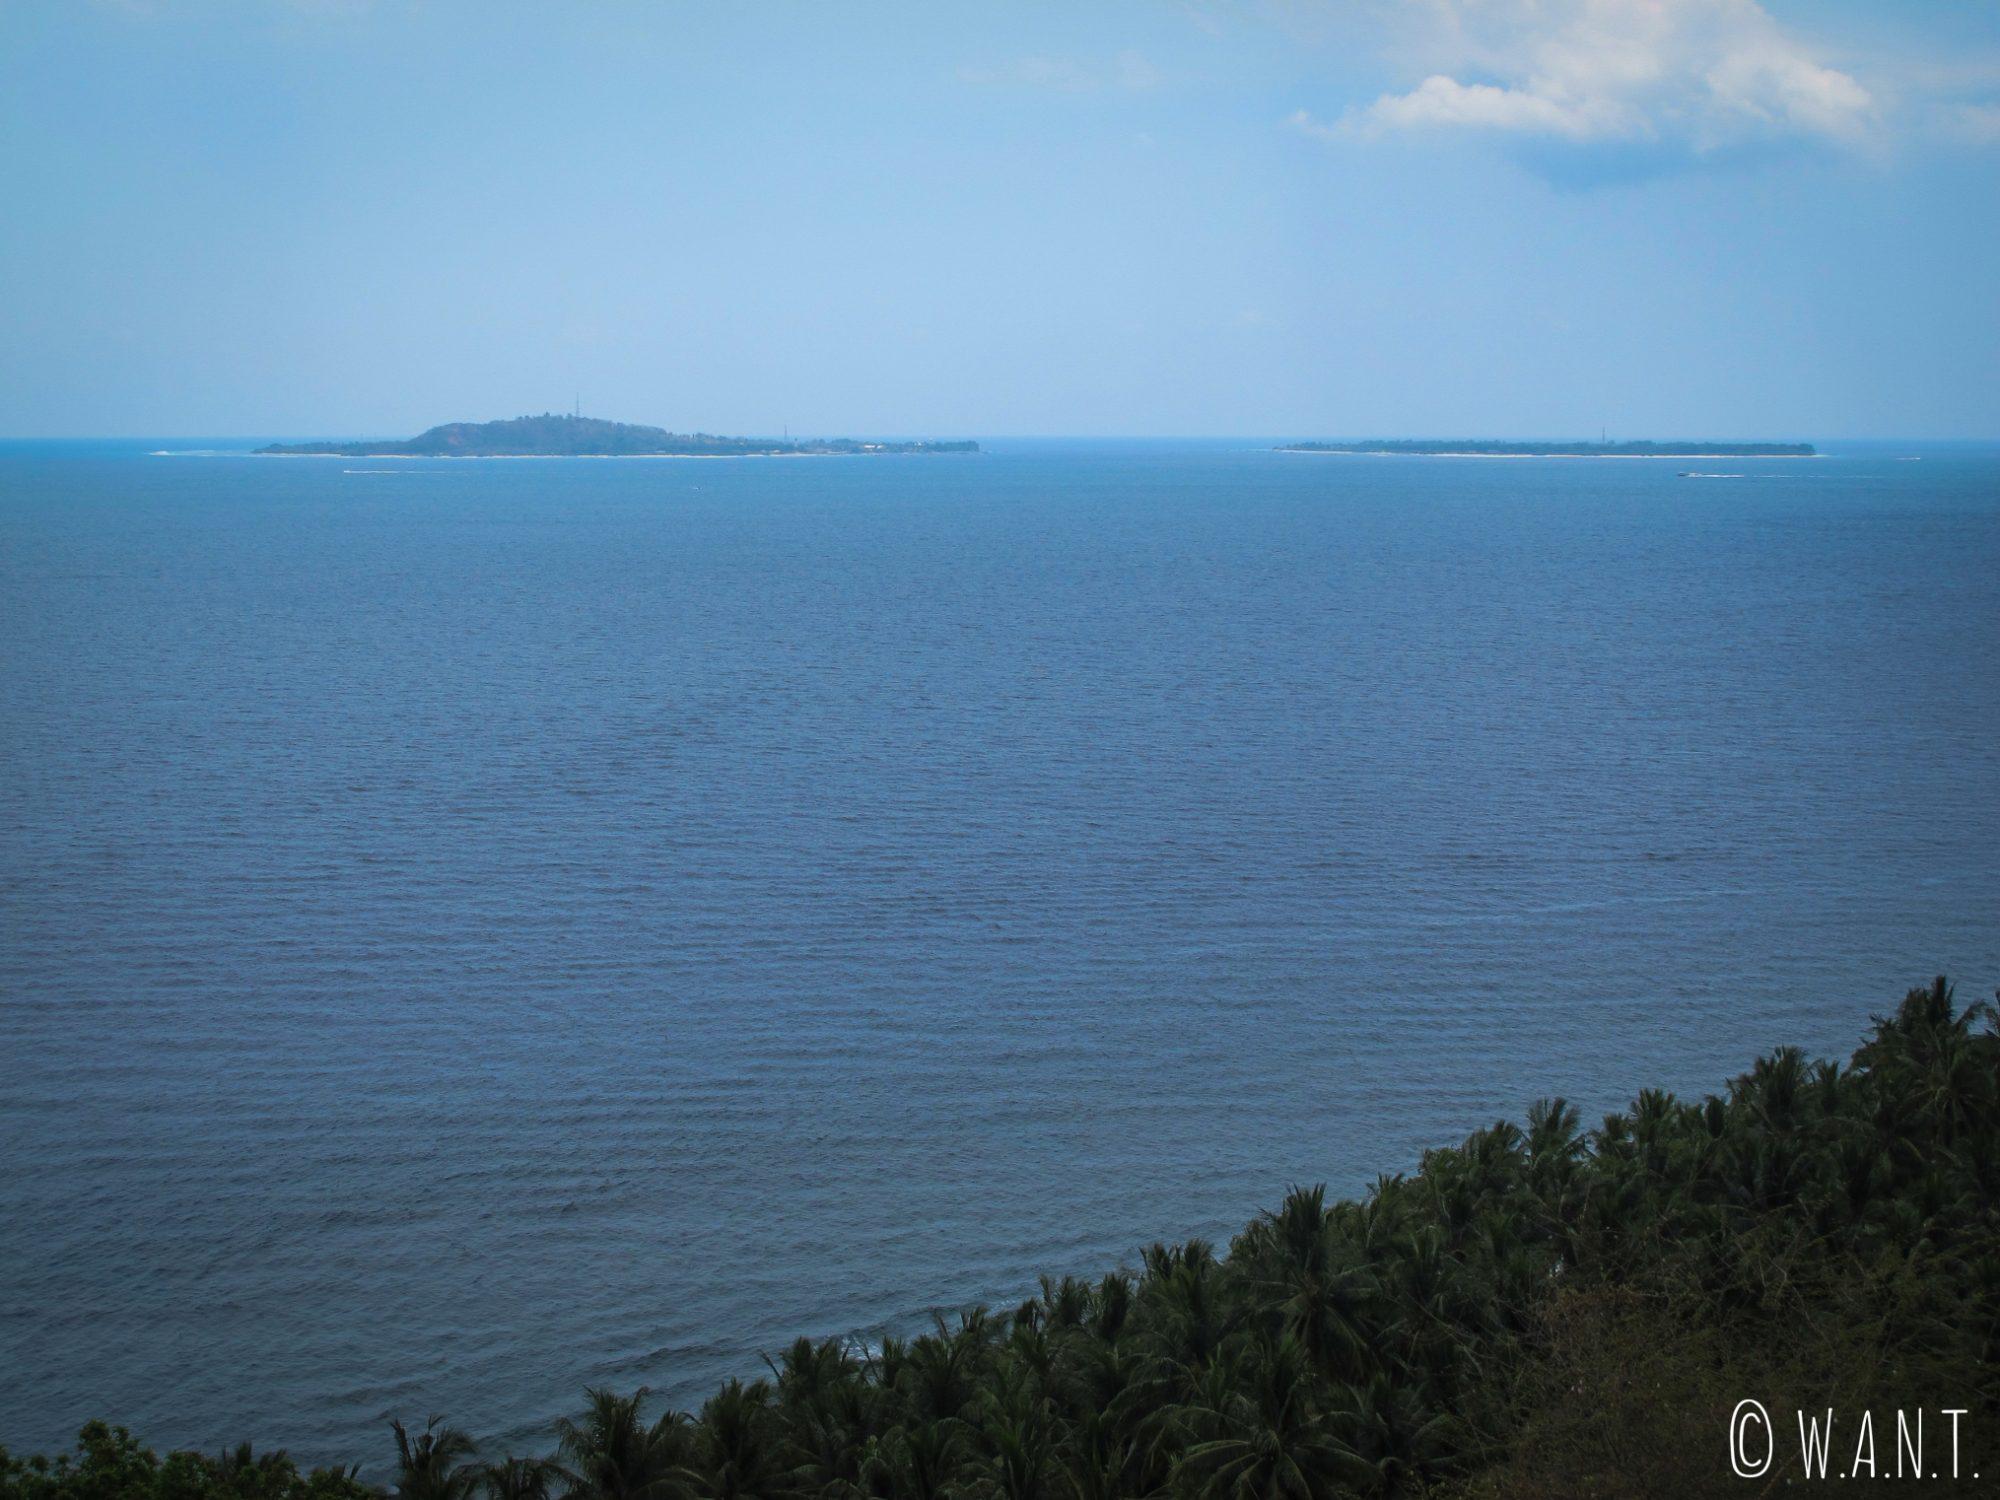 Vue sur les îles Gilis depuis le point de vue Malimbu Hill sur l'île de Lombok